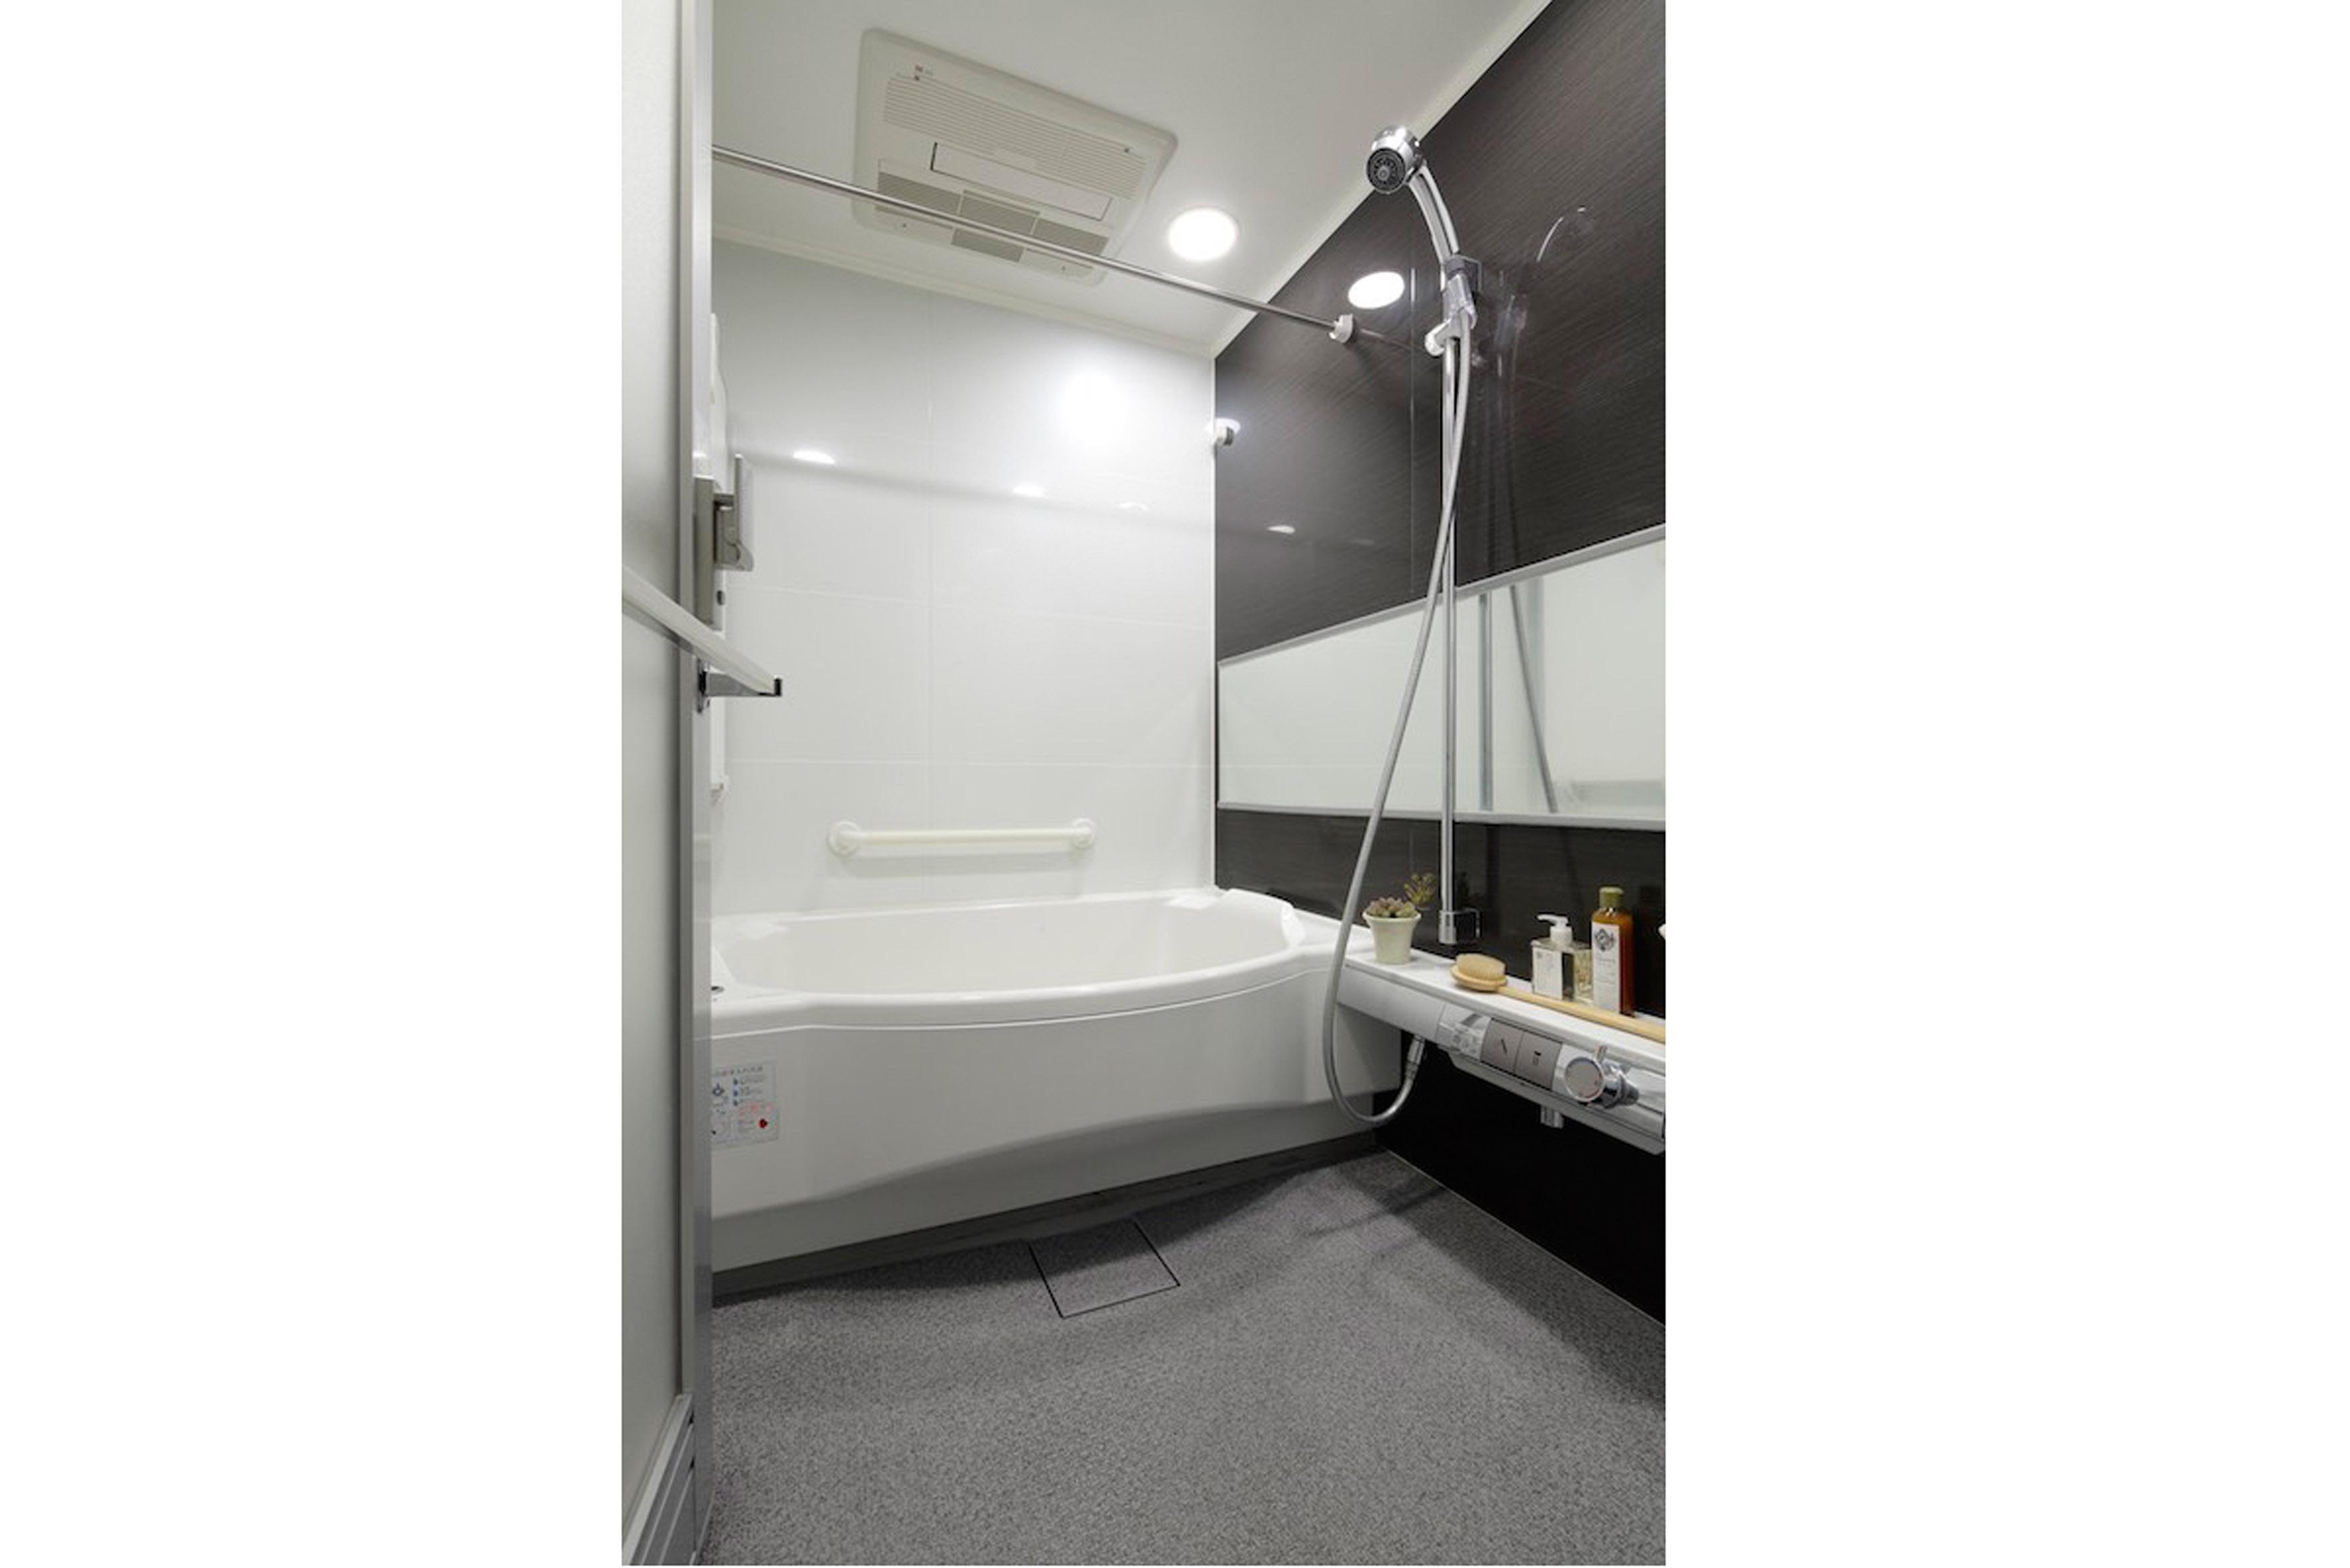 魔法瓶浴槽・フルオートバス・カラリ床・24時間換気乾燥機付 イメージ